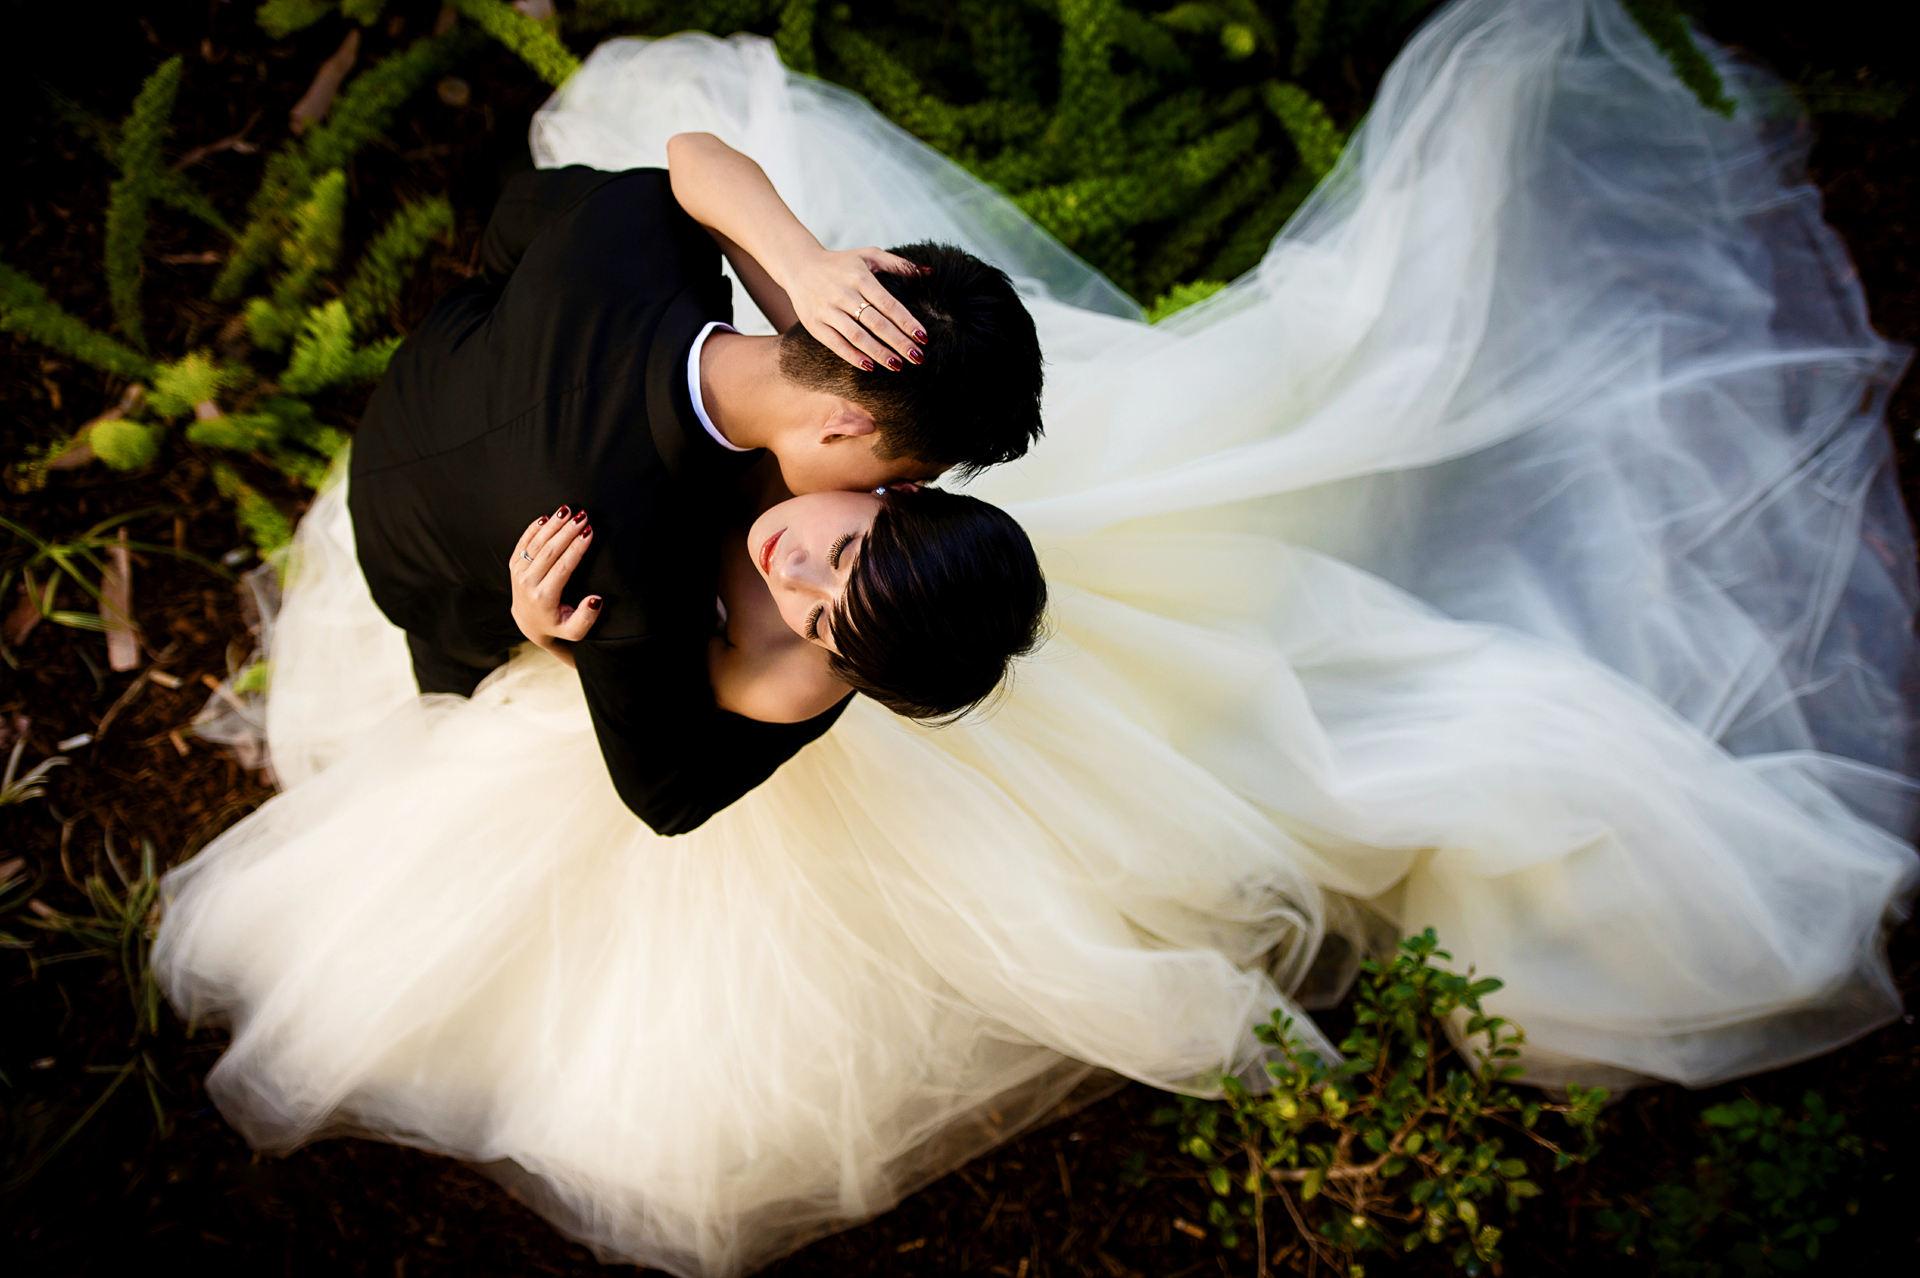 在USC拍摄的婚纱照片